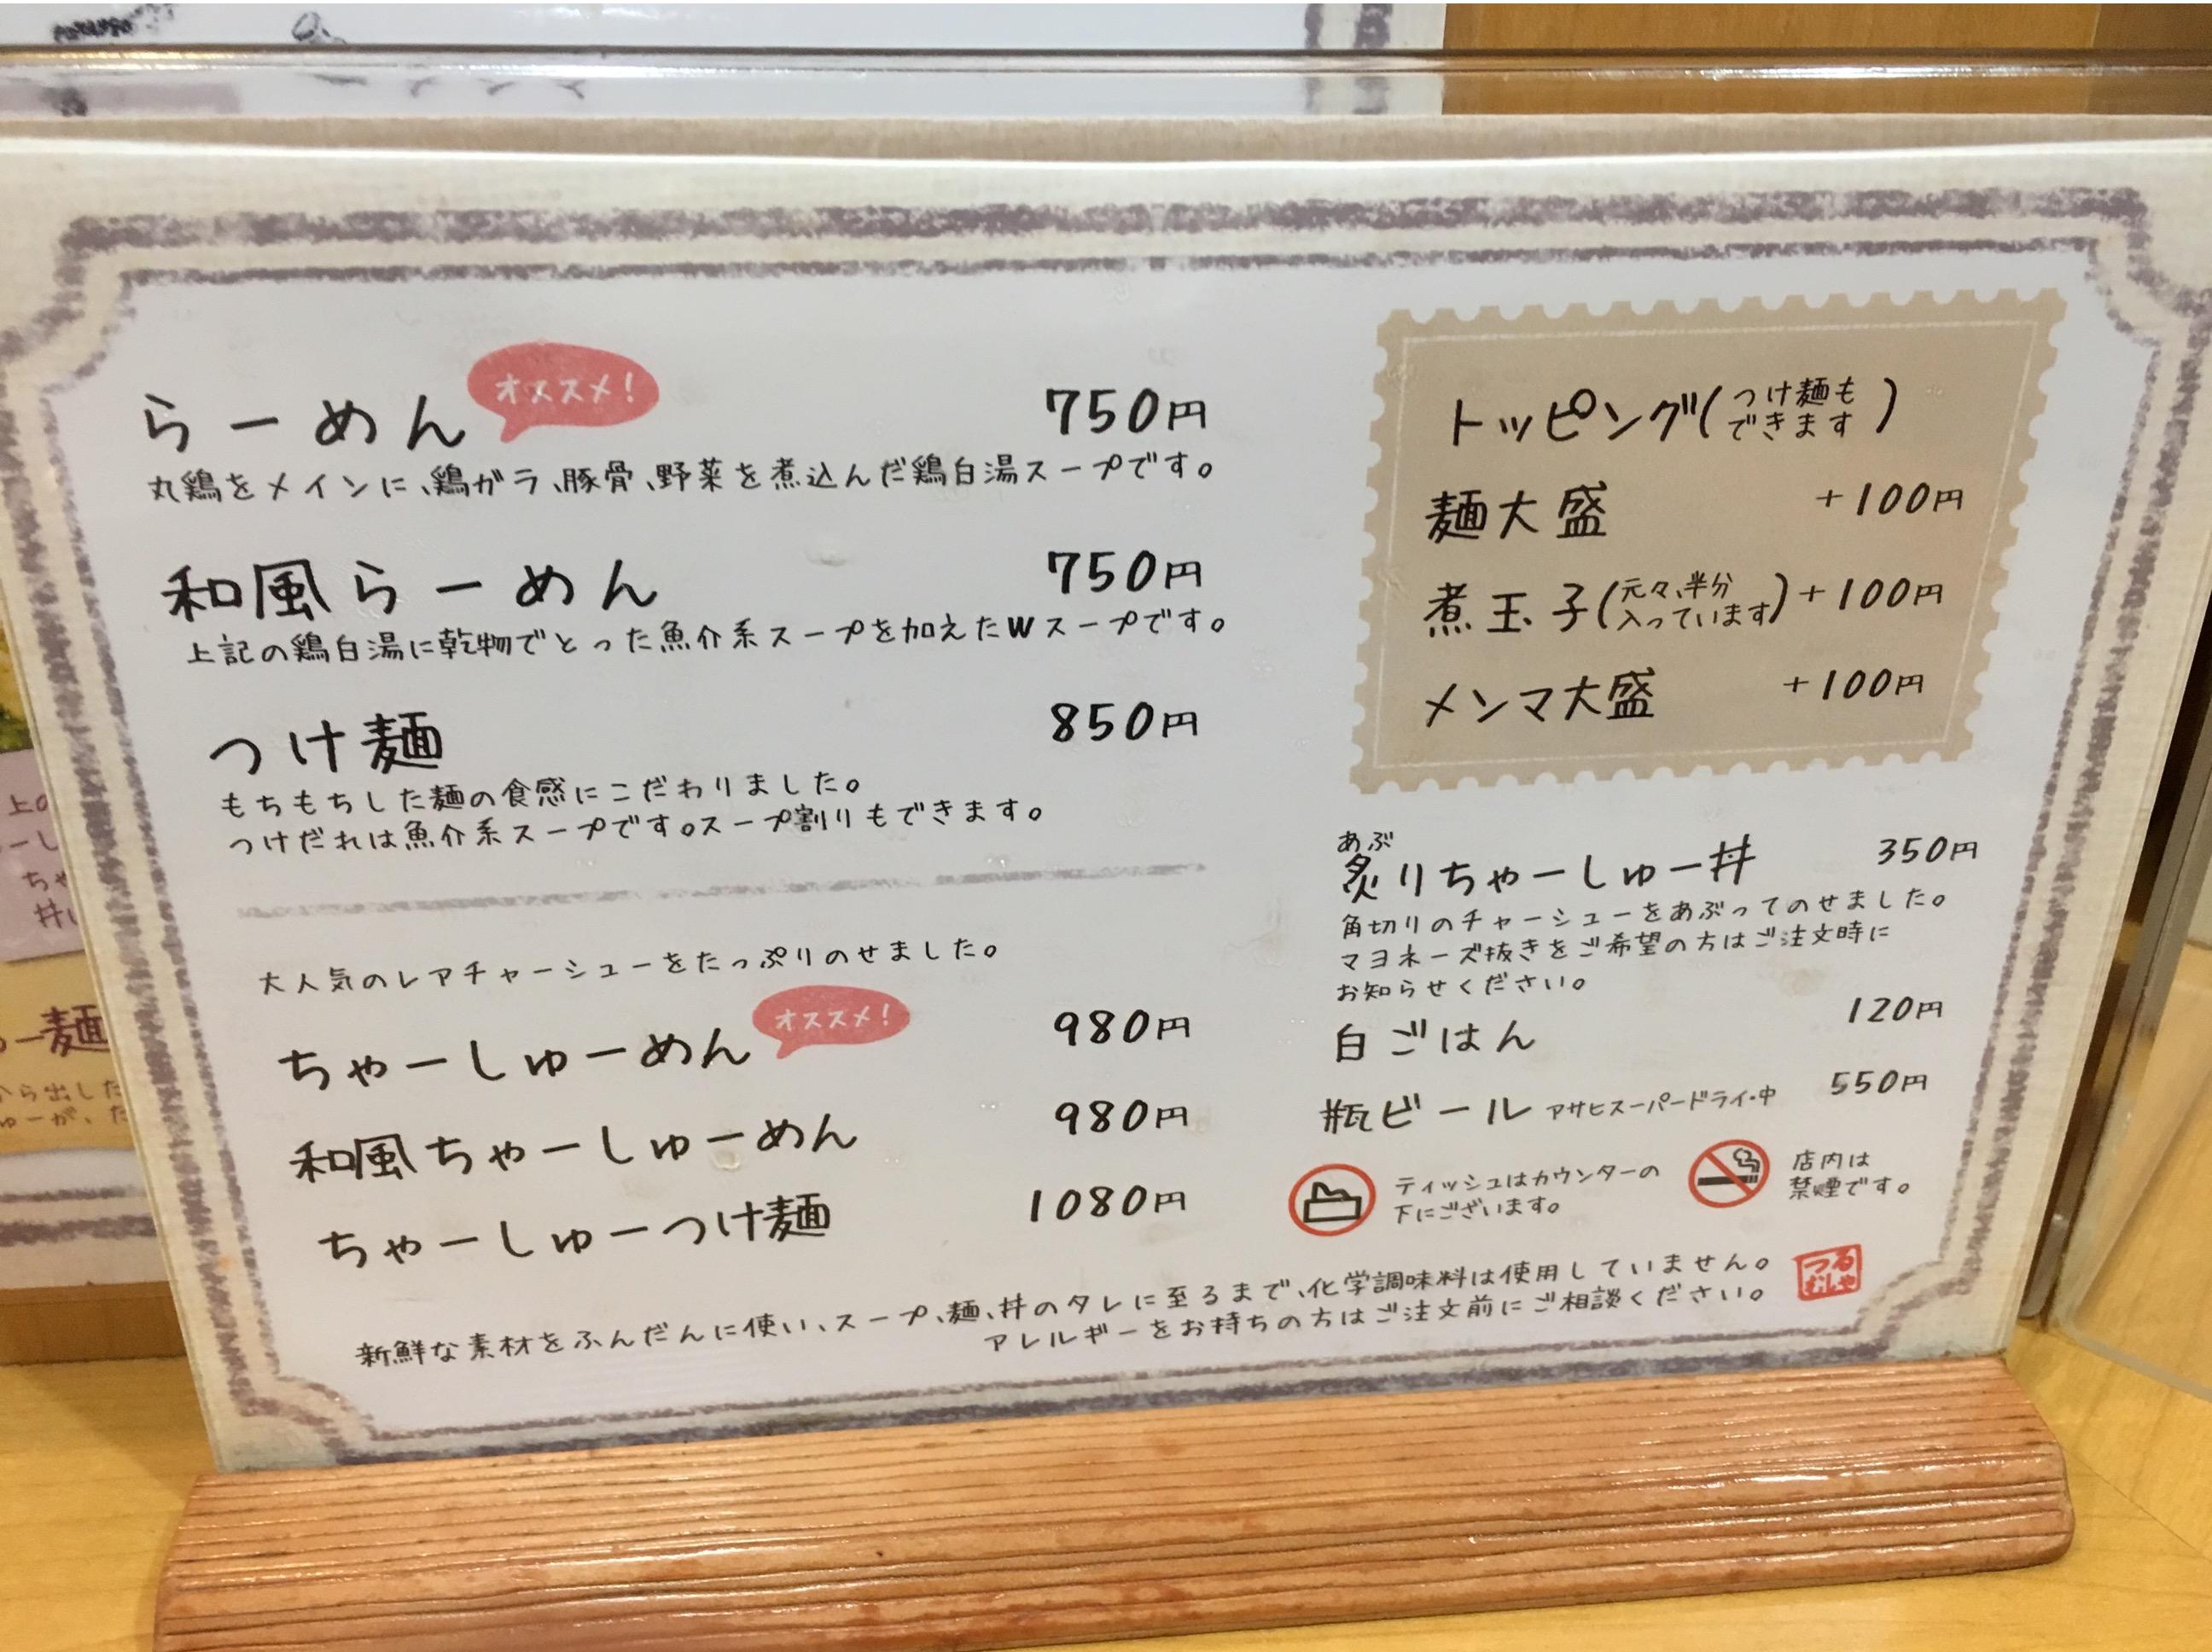 鶴武者 メニュー